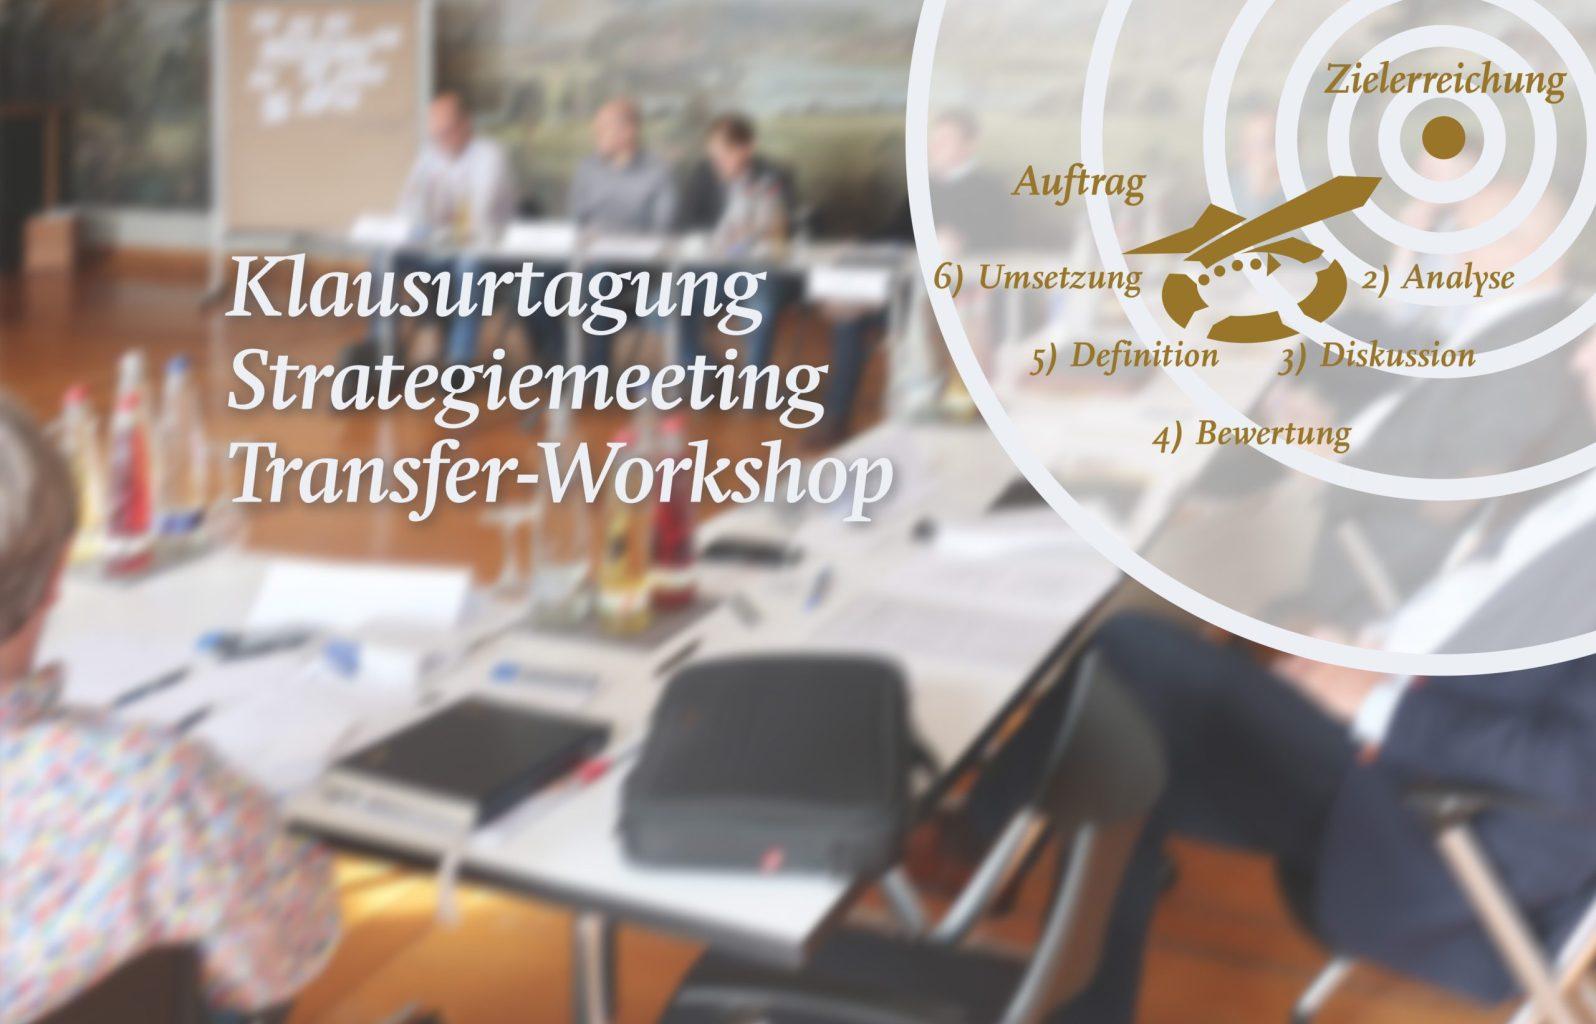 Ralf Hasford ist Moderator und Coach im Business. Moderation der Themen Strategie, Entscheidungen, Konflikte.